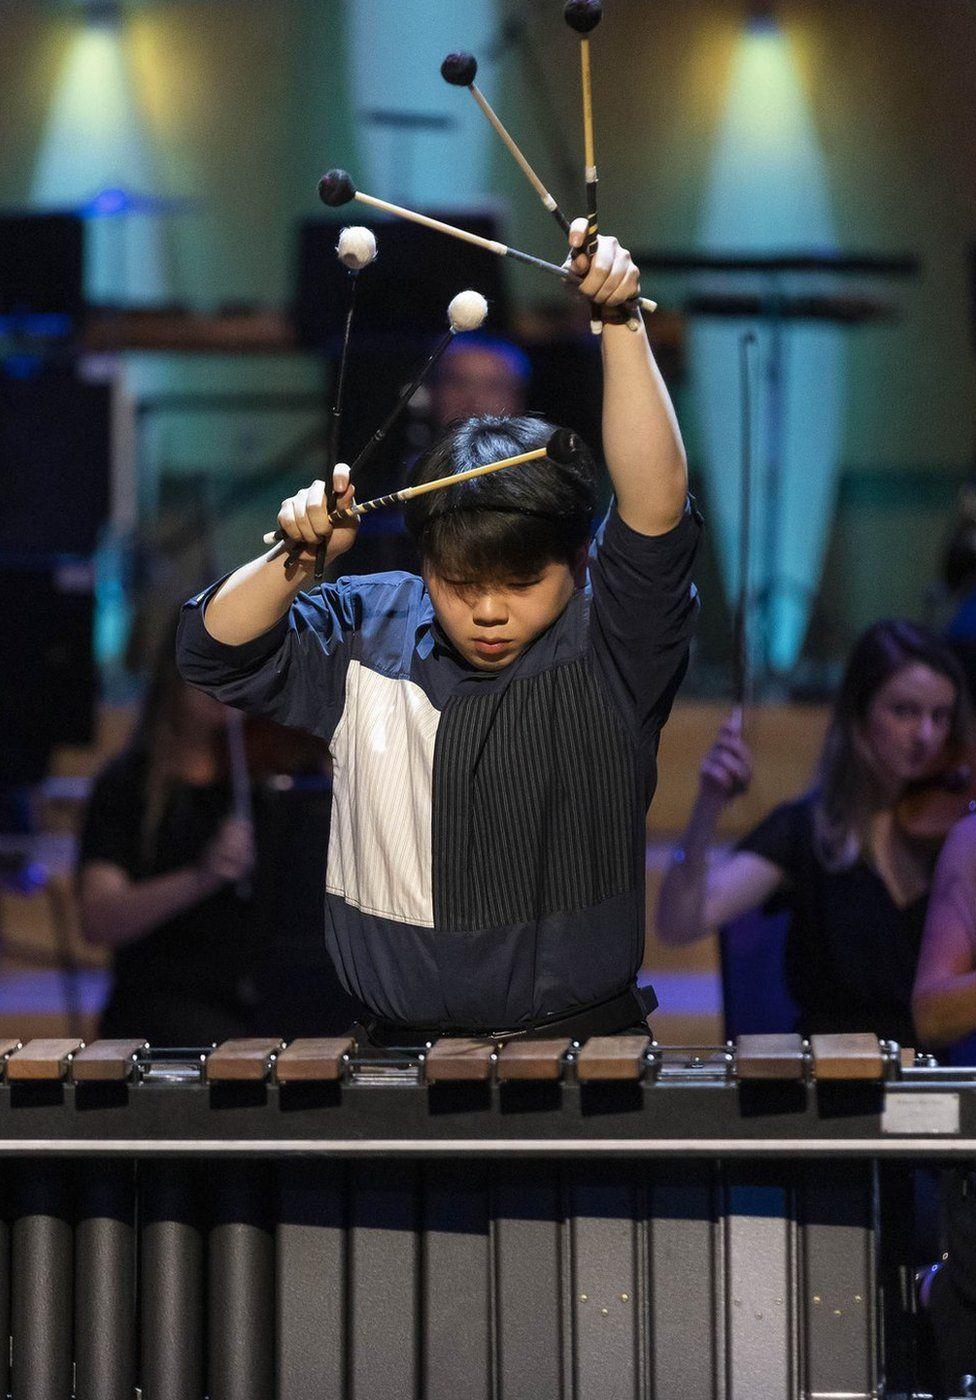 Fang Zhang